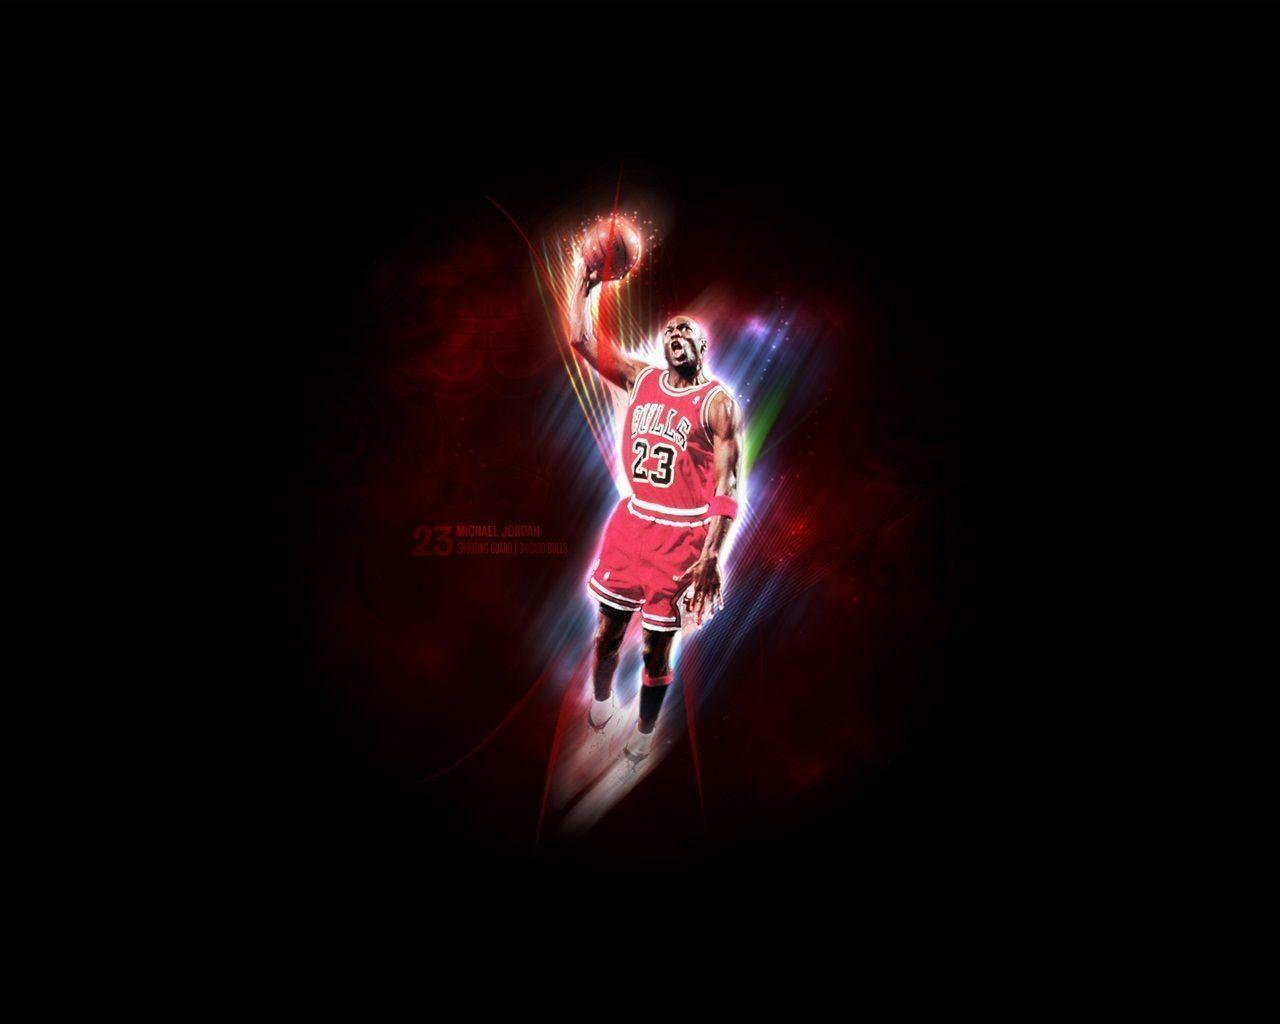 Michael Jordan Wallpaper For Computer: Wallpapers Of Michael Jordan